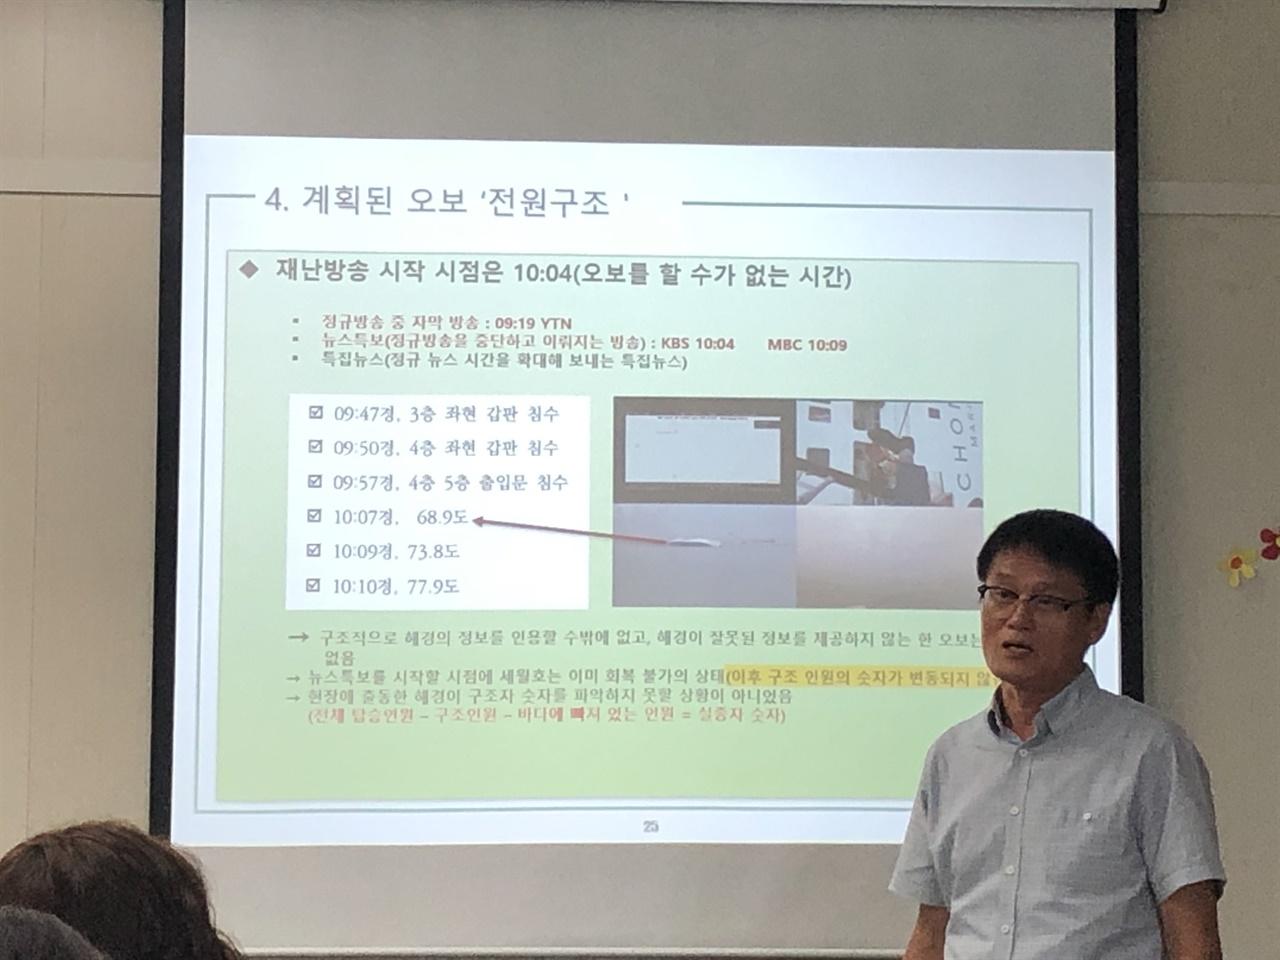 <4.16세월호 사건 기록연구- 의혹과 진실> 저자 강연 중인 박종대씨.